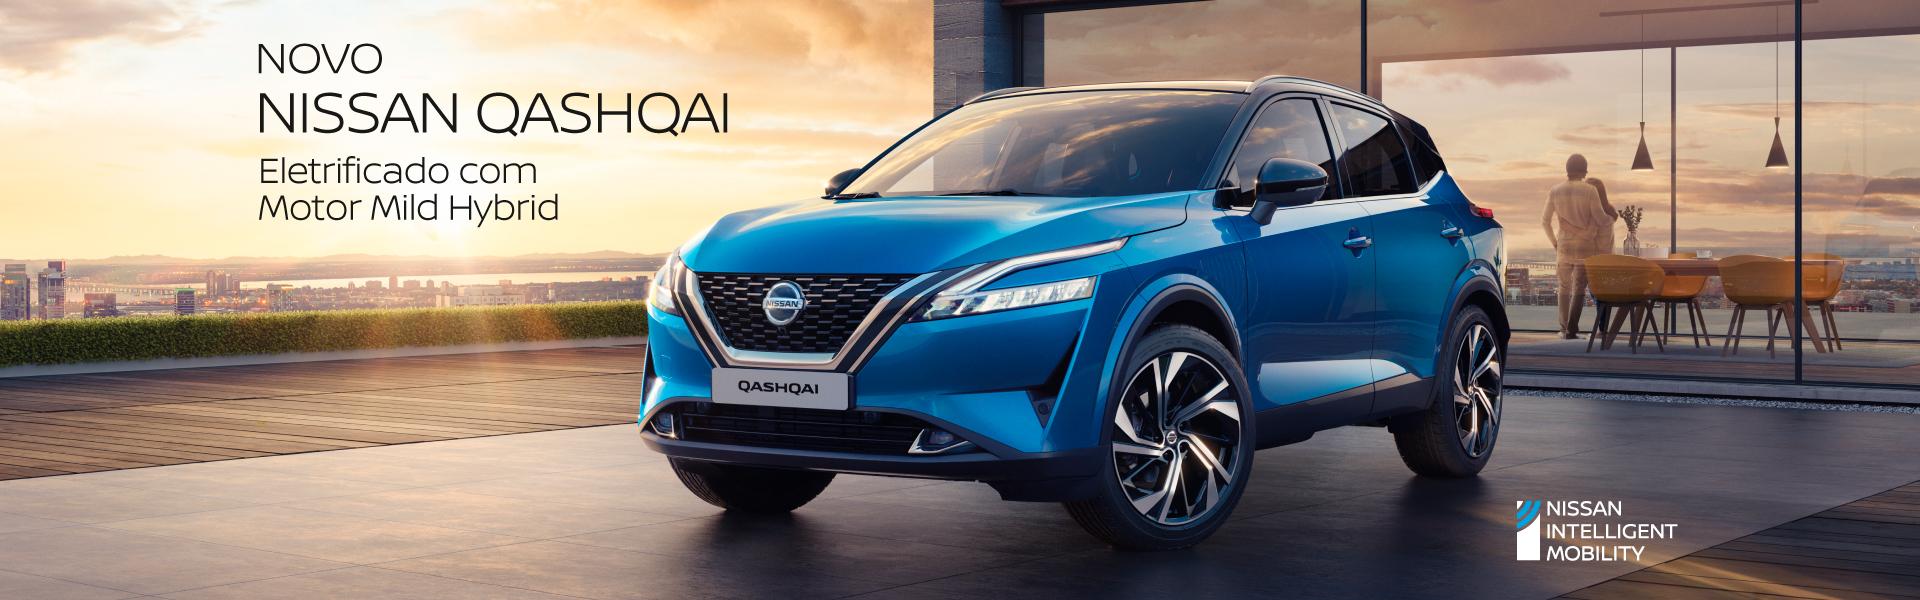 Campanha do Nissan Qashqai